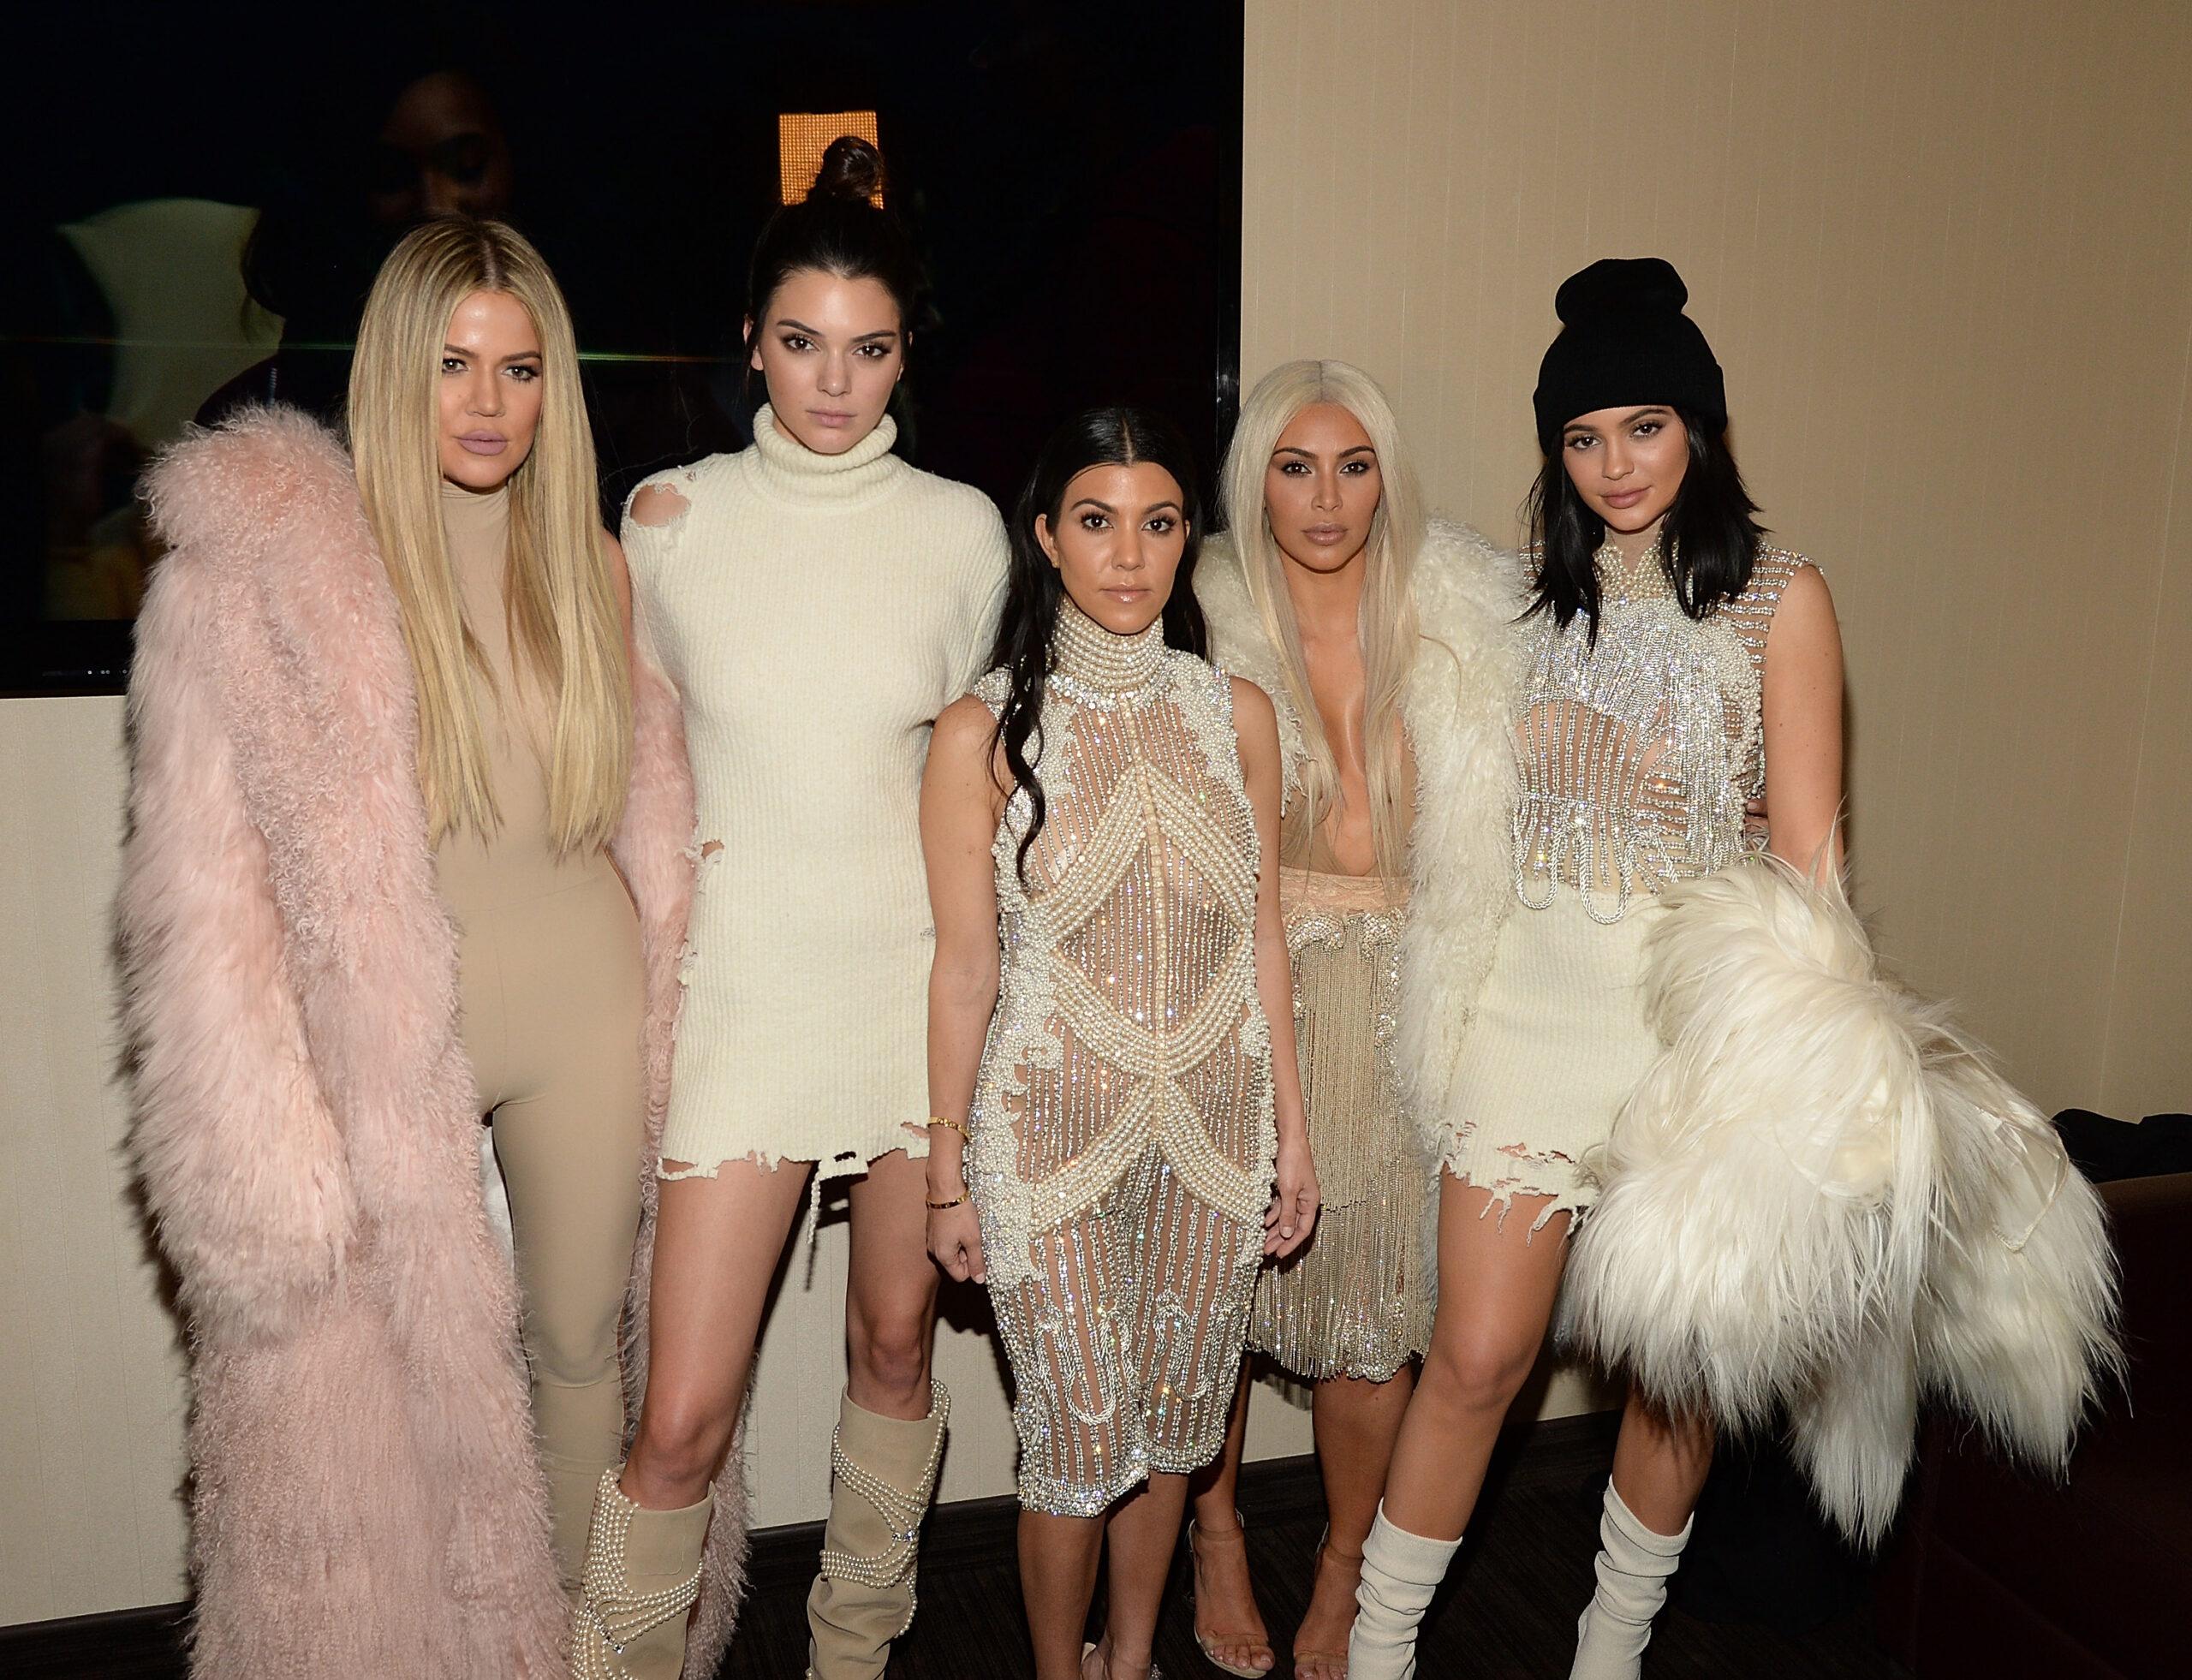 Hermanas Kardashian Jenner; Kim Kardashian debuta en 'SNL' con un irreverente monologo que puso a reír a internet